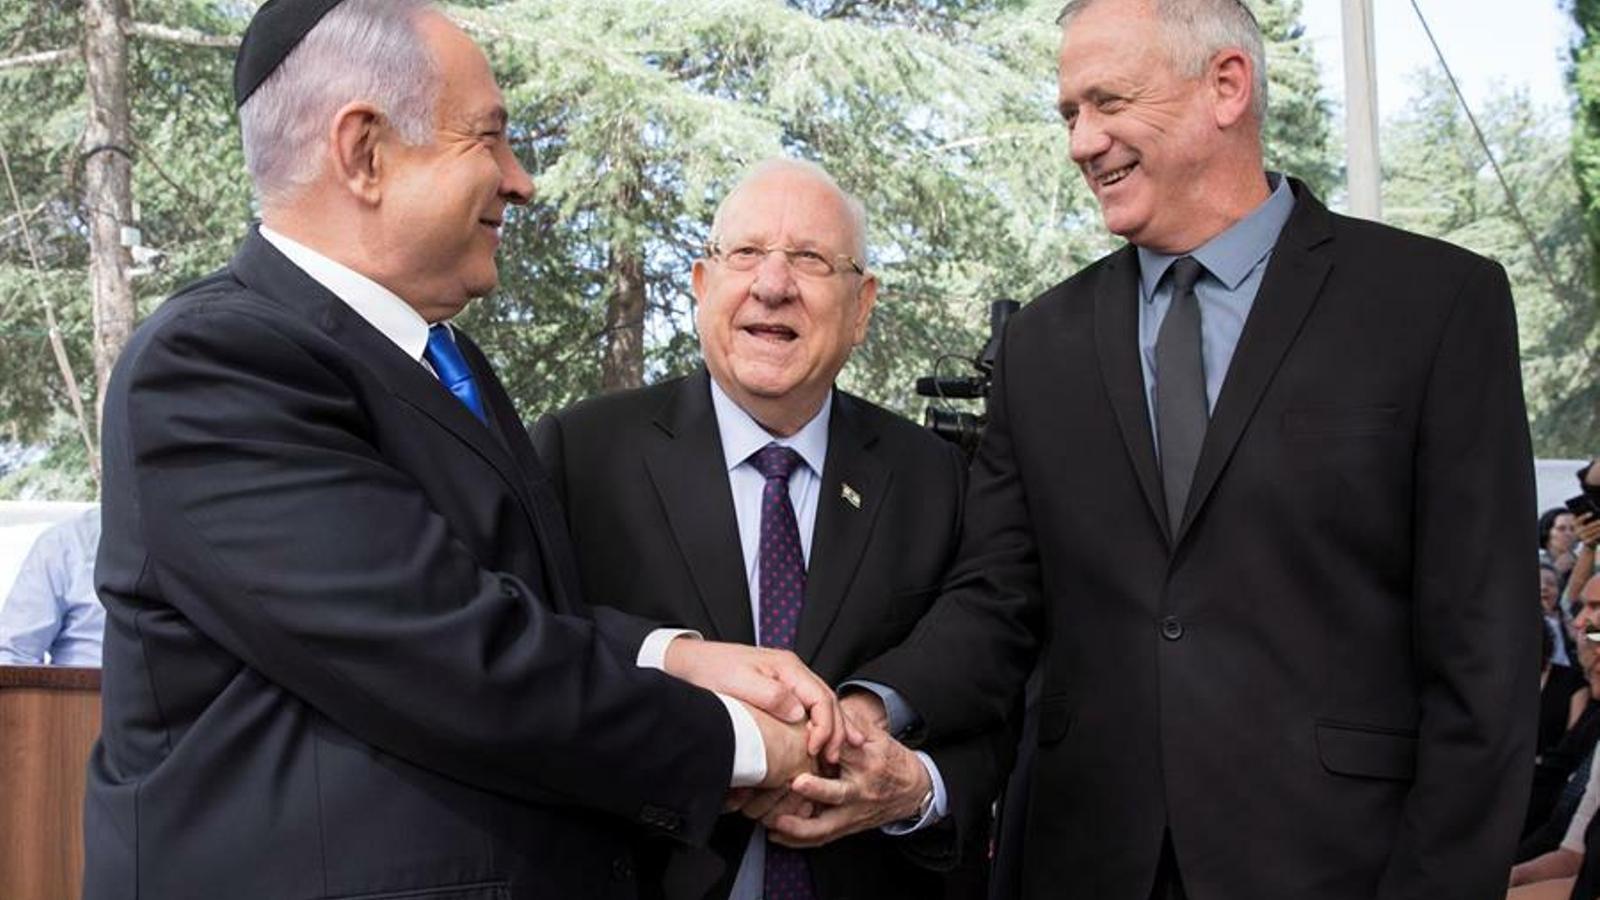 Acord a Israel per a un govern d'alternança entre Netanyahu i Gantz